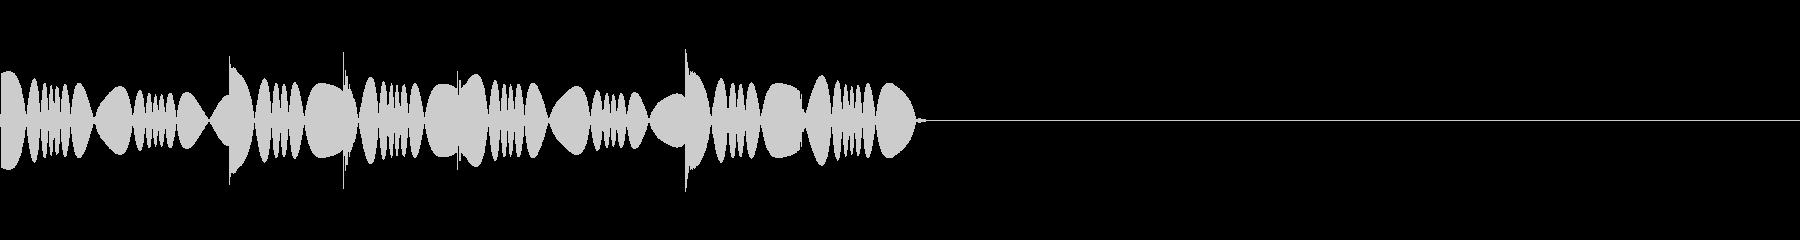 あせあせ・ワナワナ(焦っている効果音)の未再生の波形